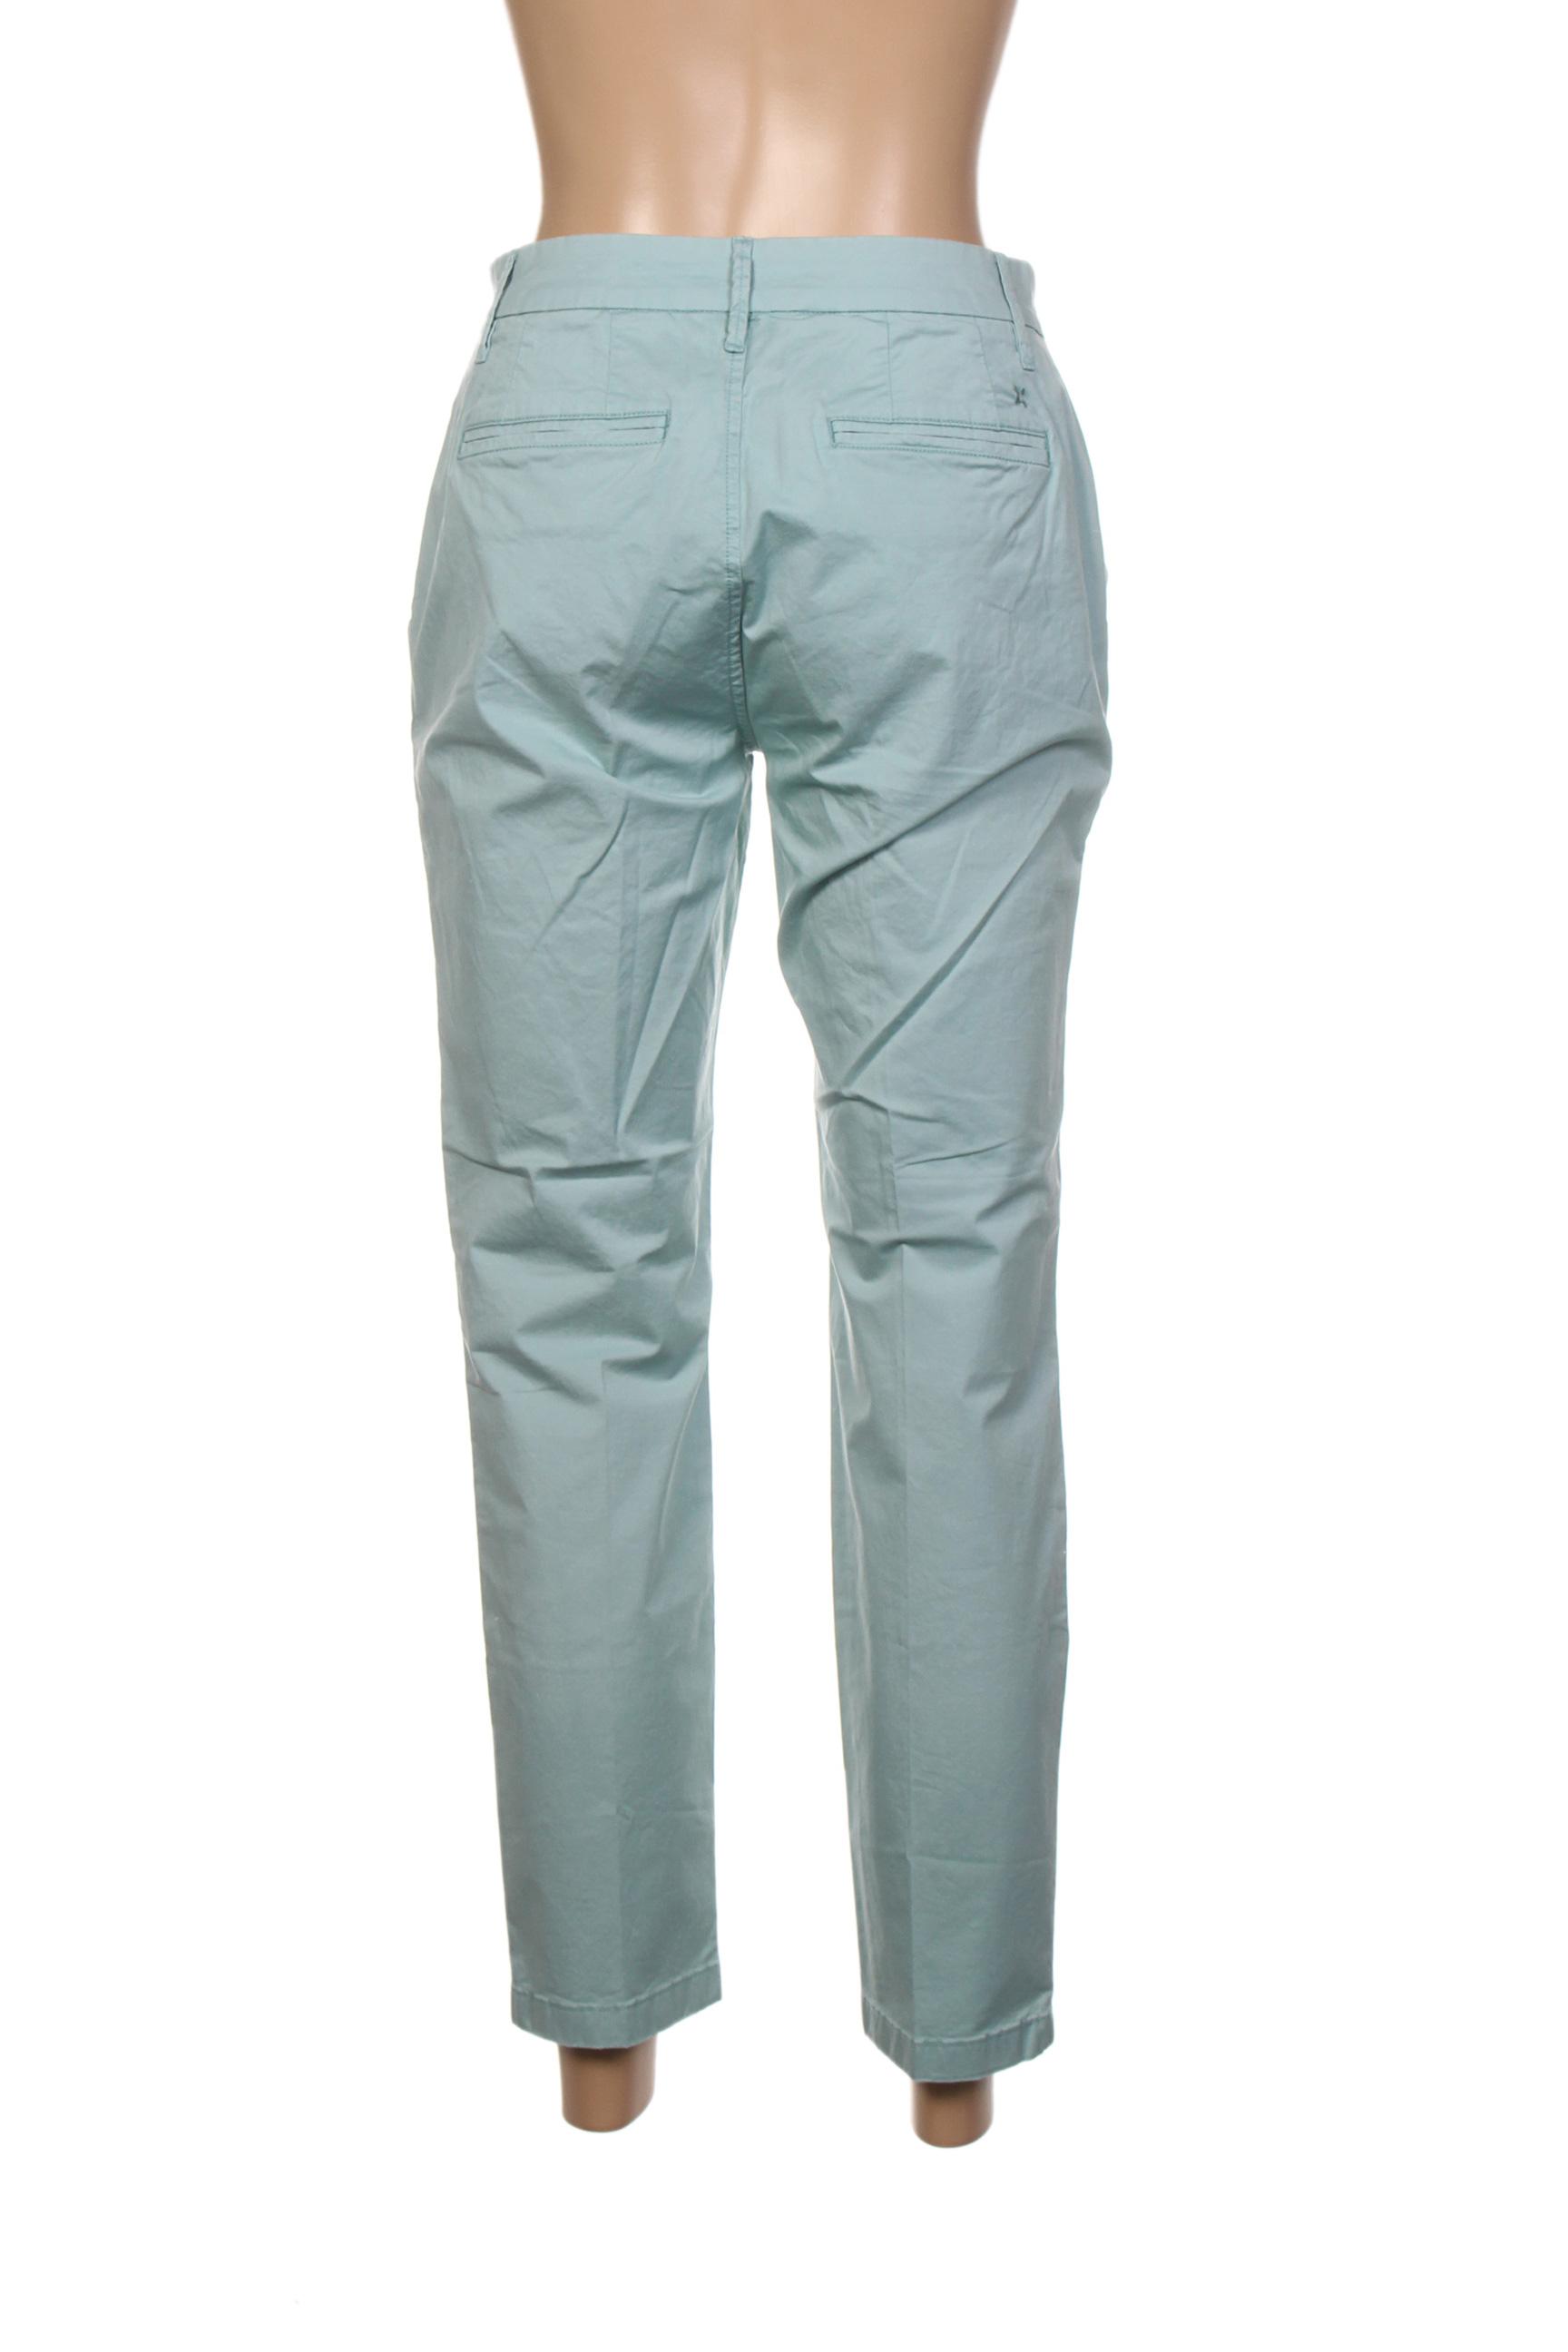 Closed Pantalon7 8 Femme De Couleur Vert En Soldes Pas Cher 1329096-vert00